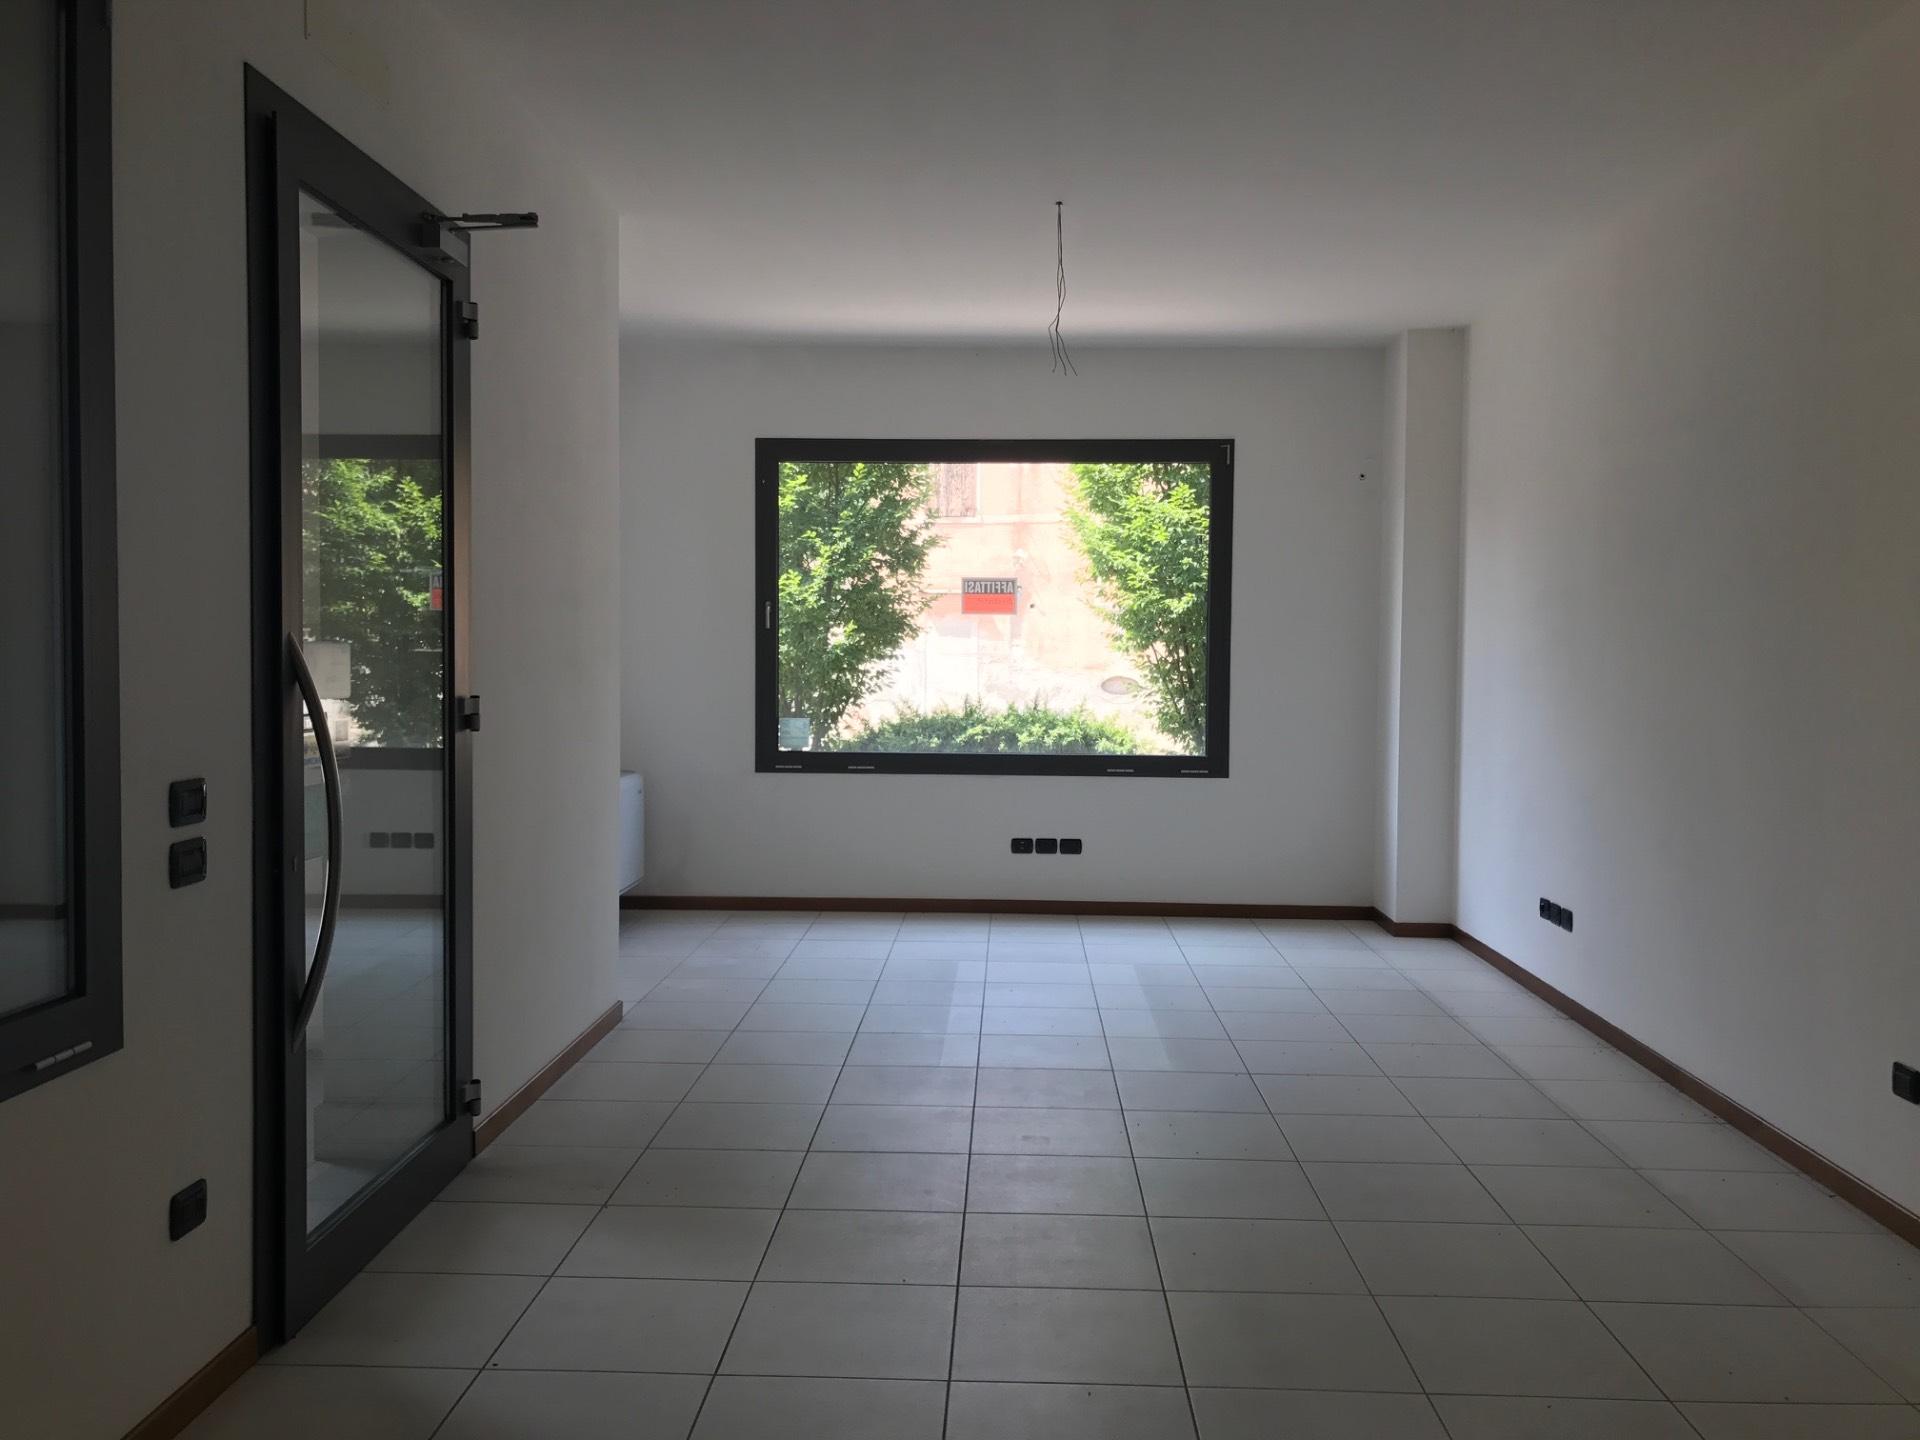 Negozio / Locale in affitto a Ponzano Veneto, 9999 locali, zona Zona: Ponzano, prezzo € 460 | CambioCasa.it